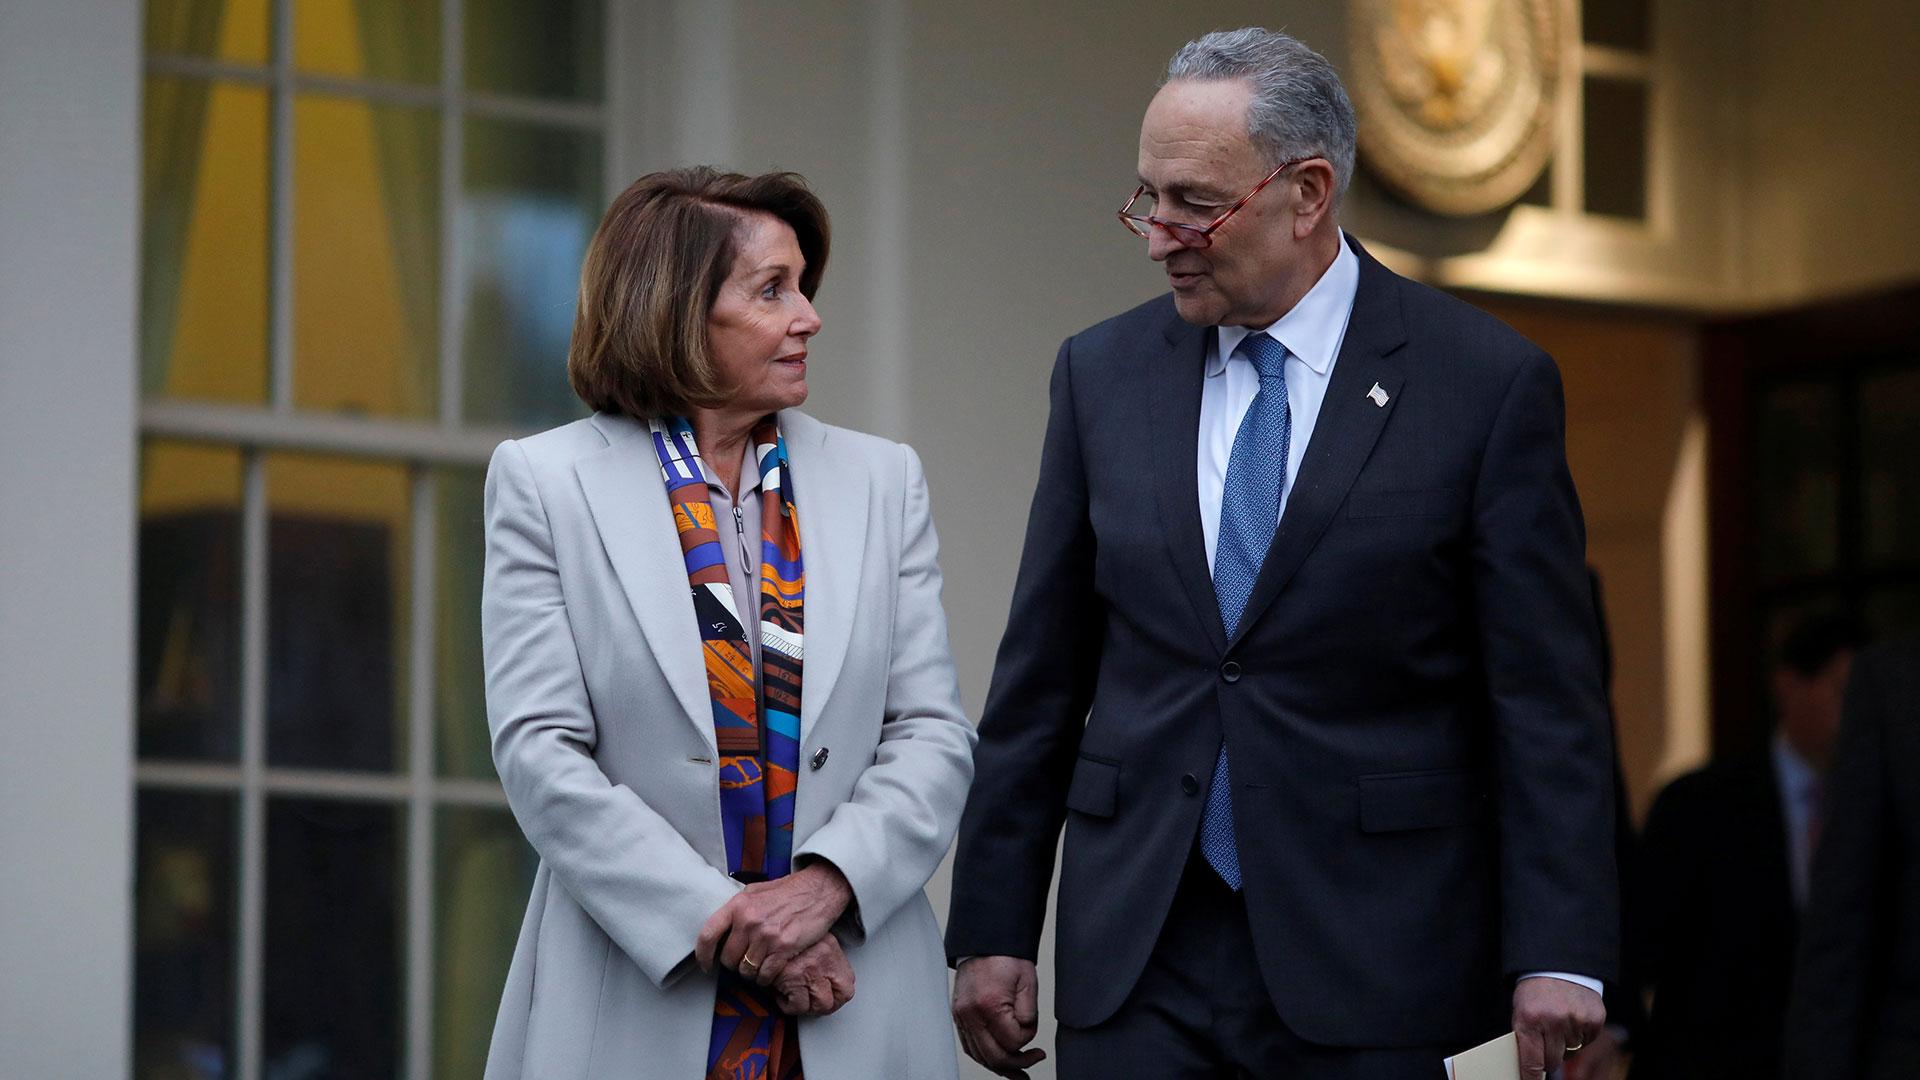 Los líderes demócratas Nancy Pelosi y Charles Schumer han reiterado que no apoyan la construcción del muro. (Reuters)